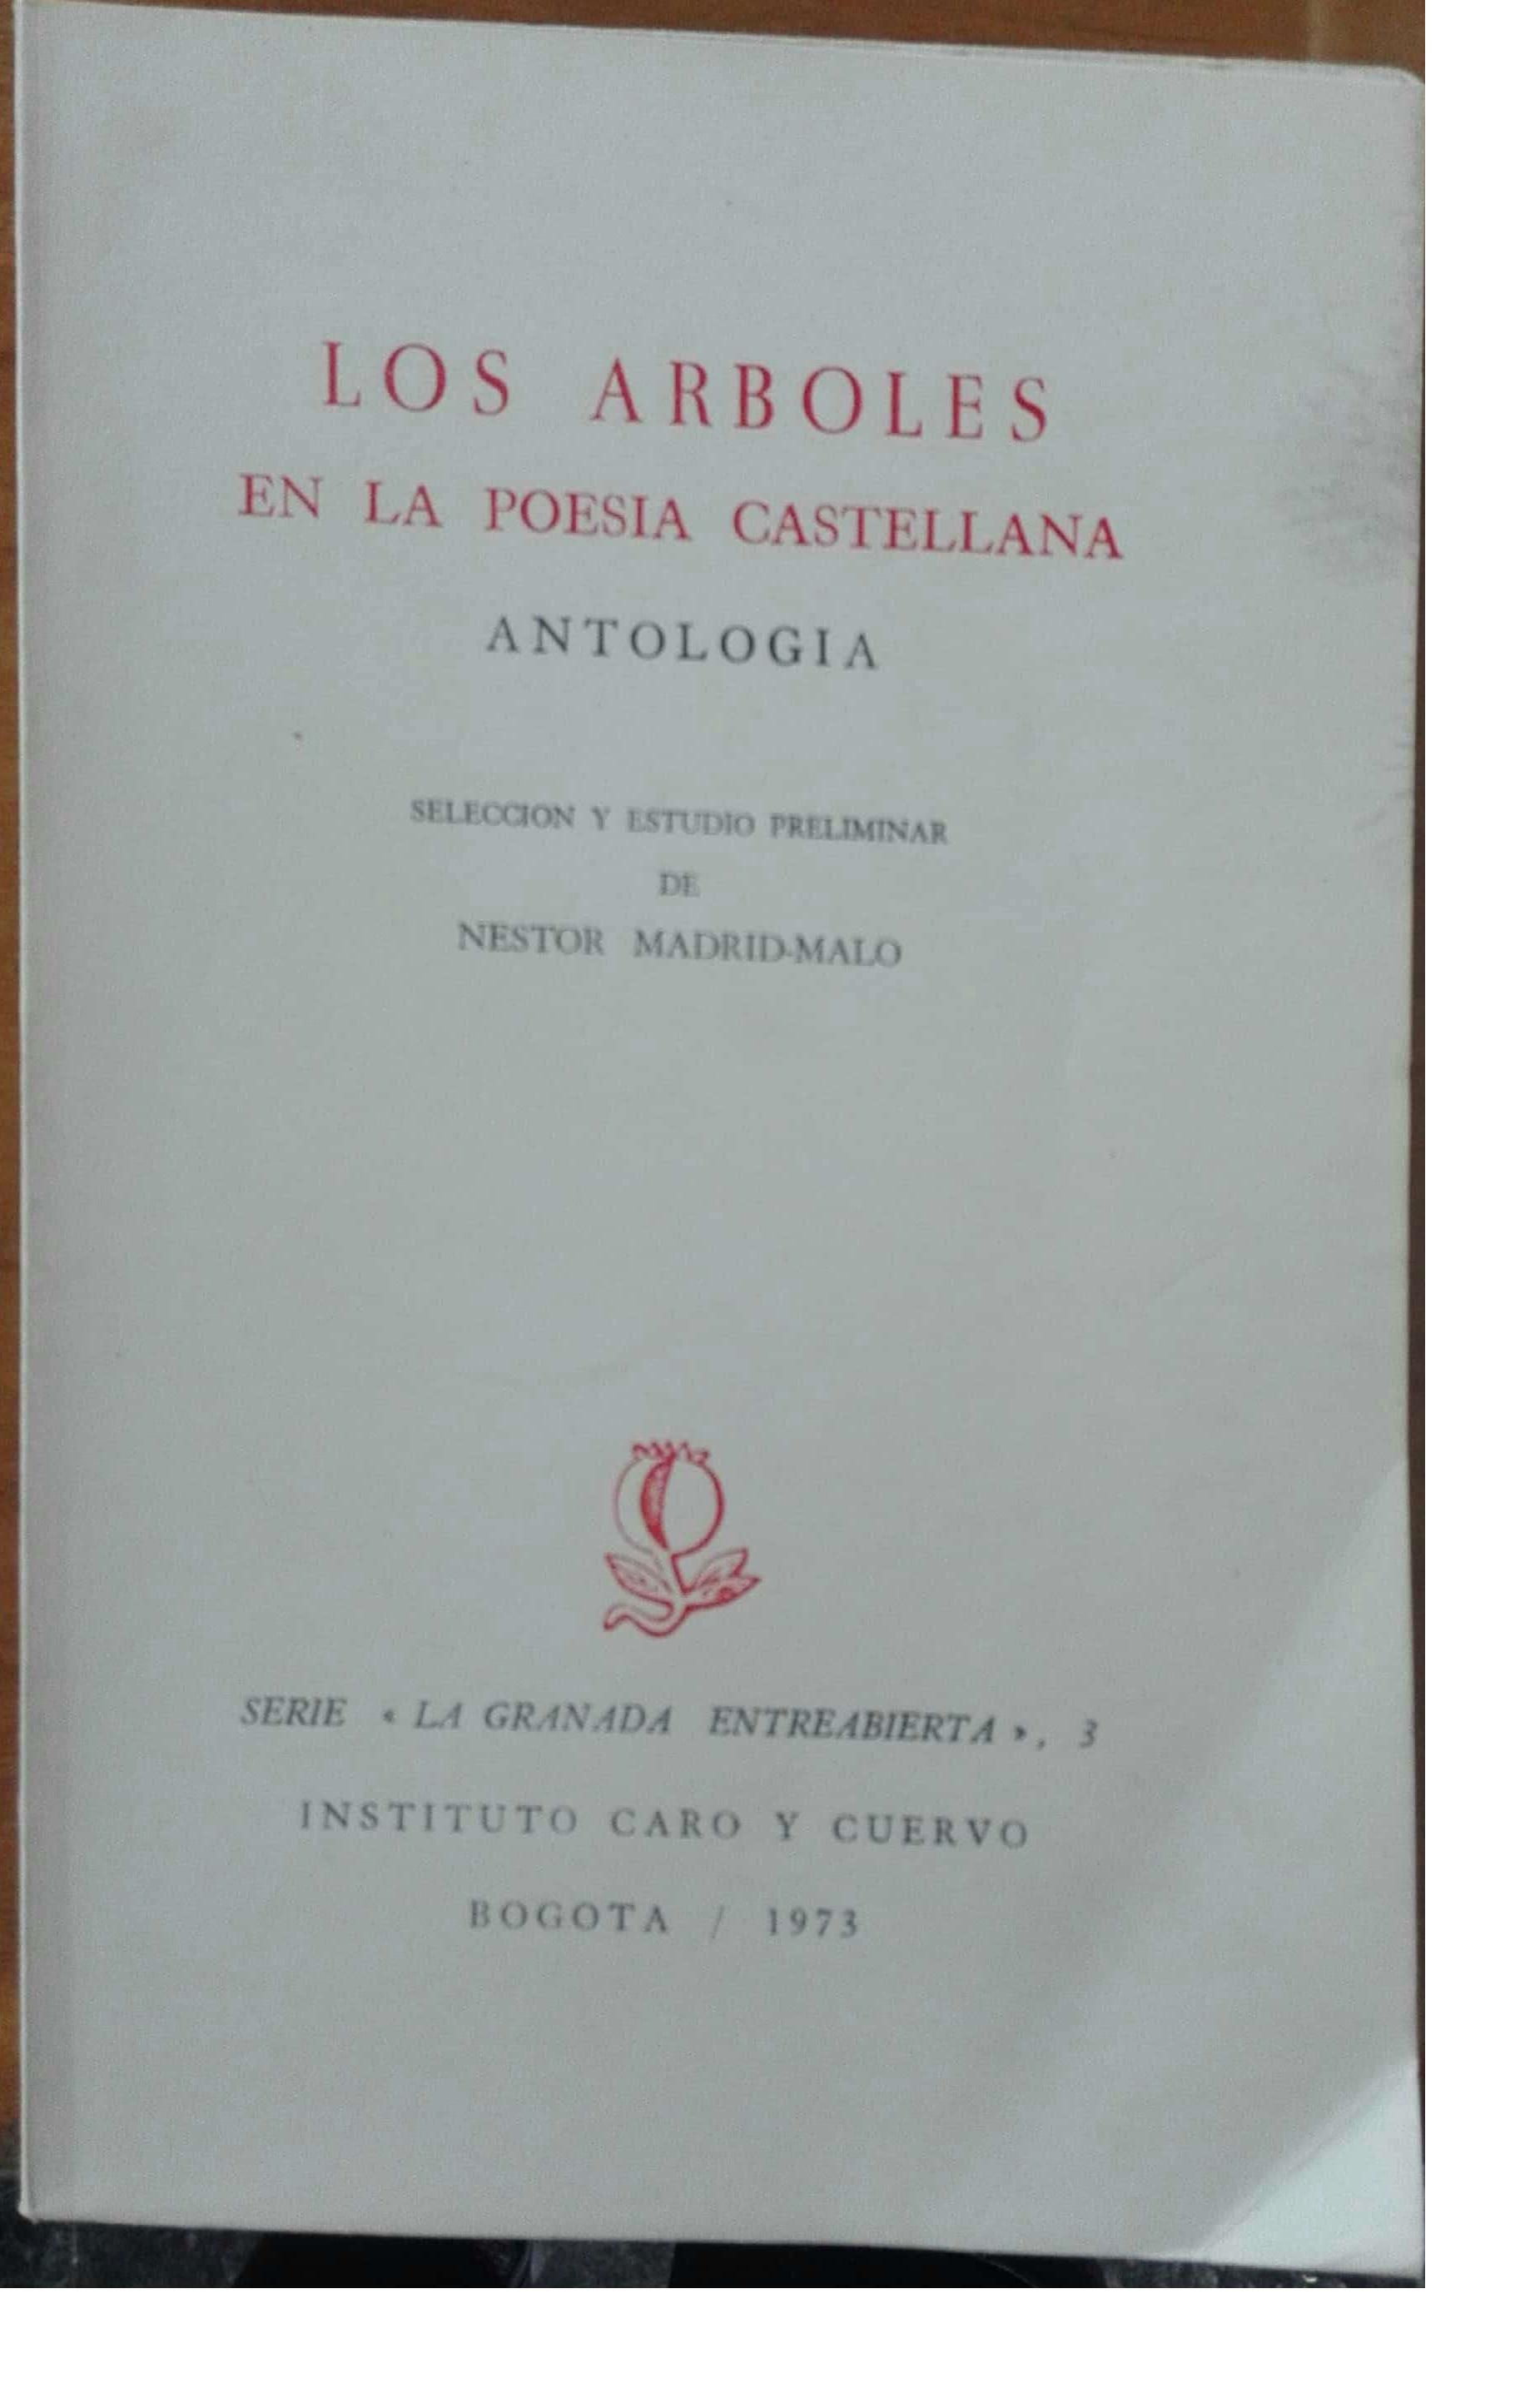 Los árboles en la poesía castellana. Antología